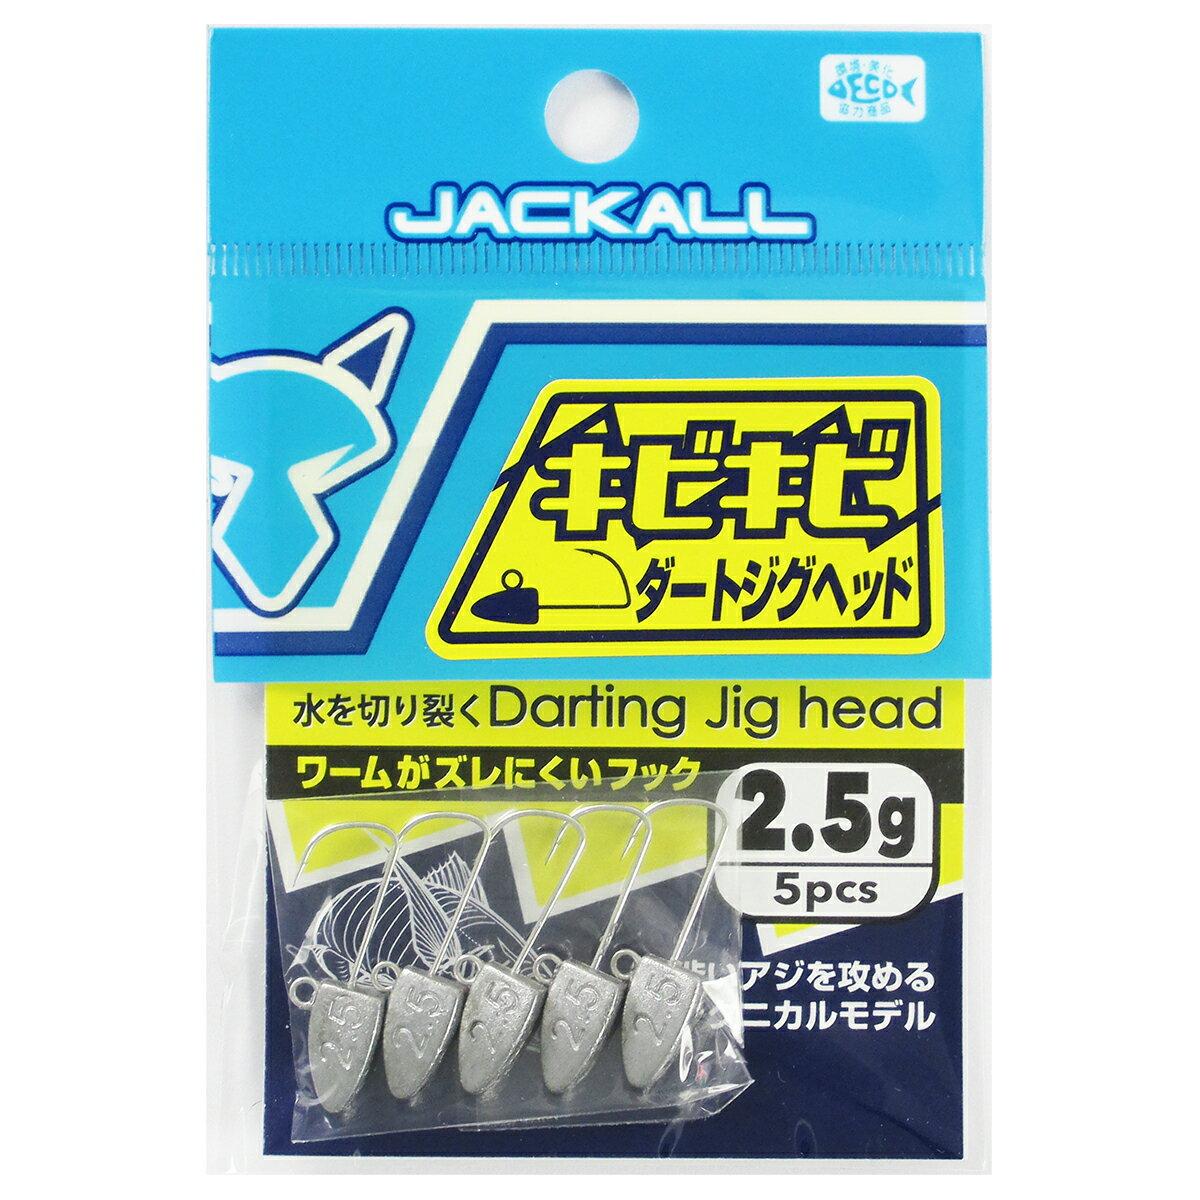 ジャッカル キビキビダートジグヘッド 2.5g【ゆうパケット】